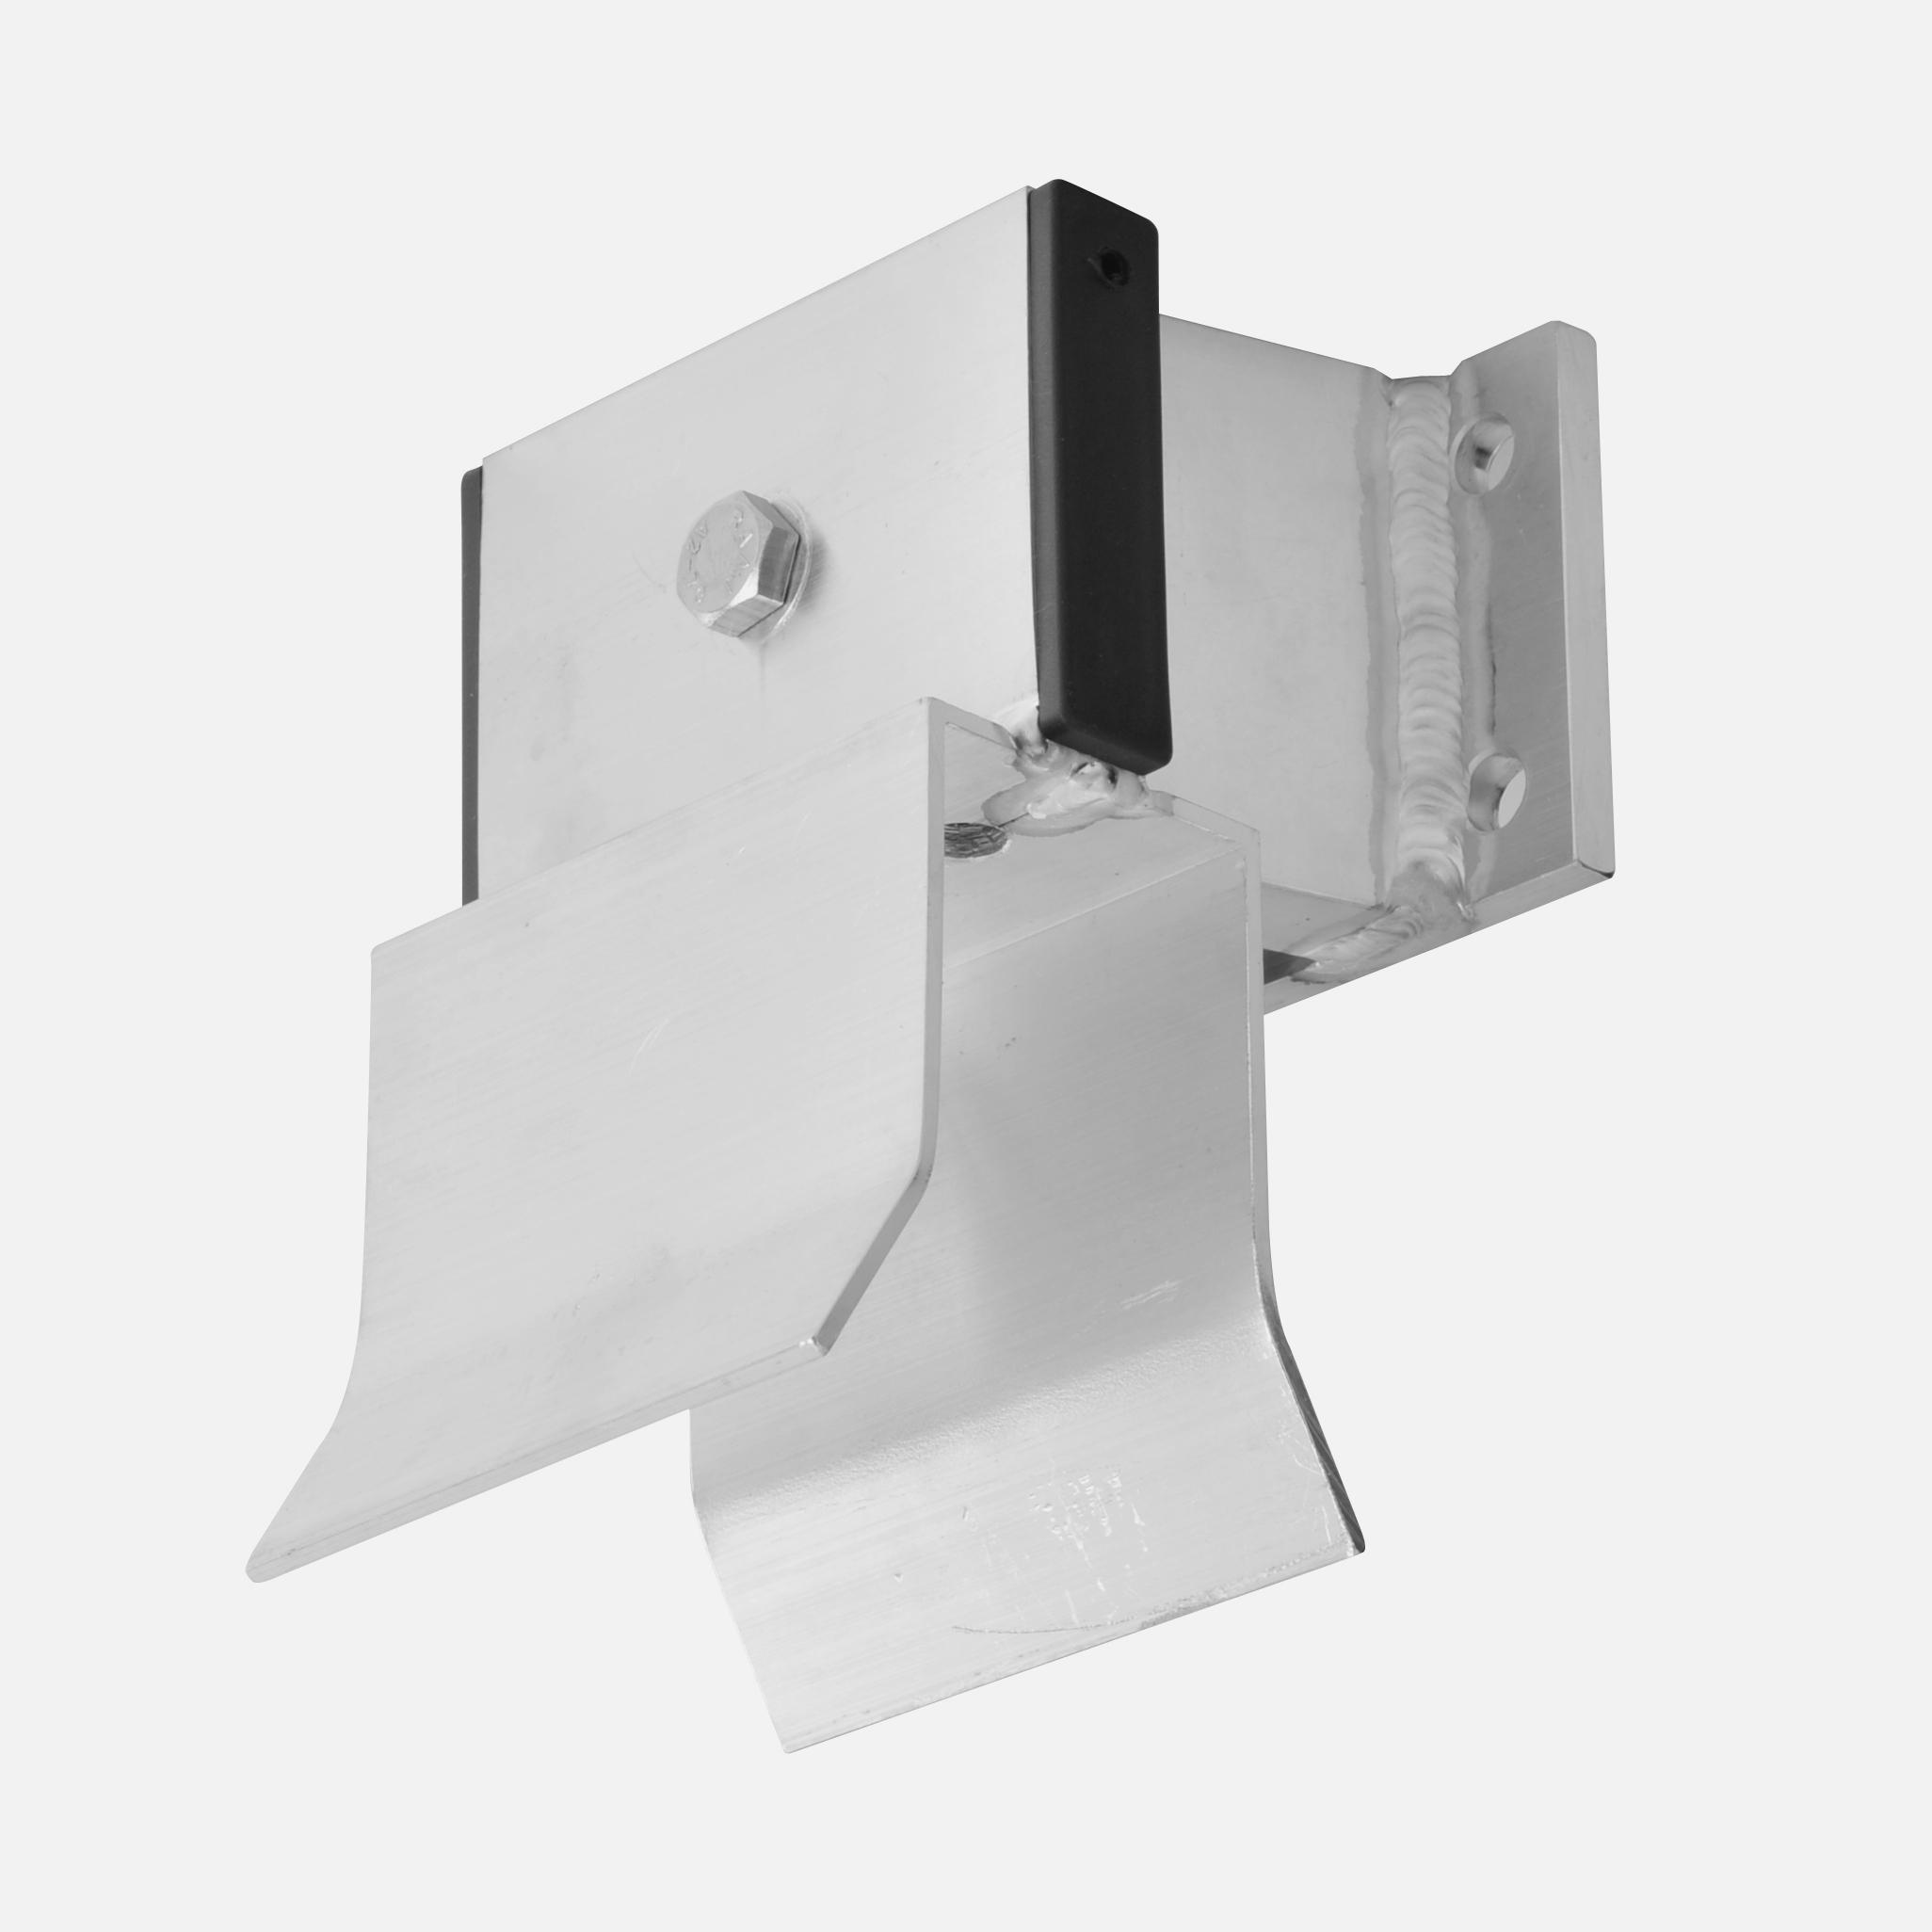 9900083 Umlenkbock Light Lift Pro Standard.jpg